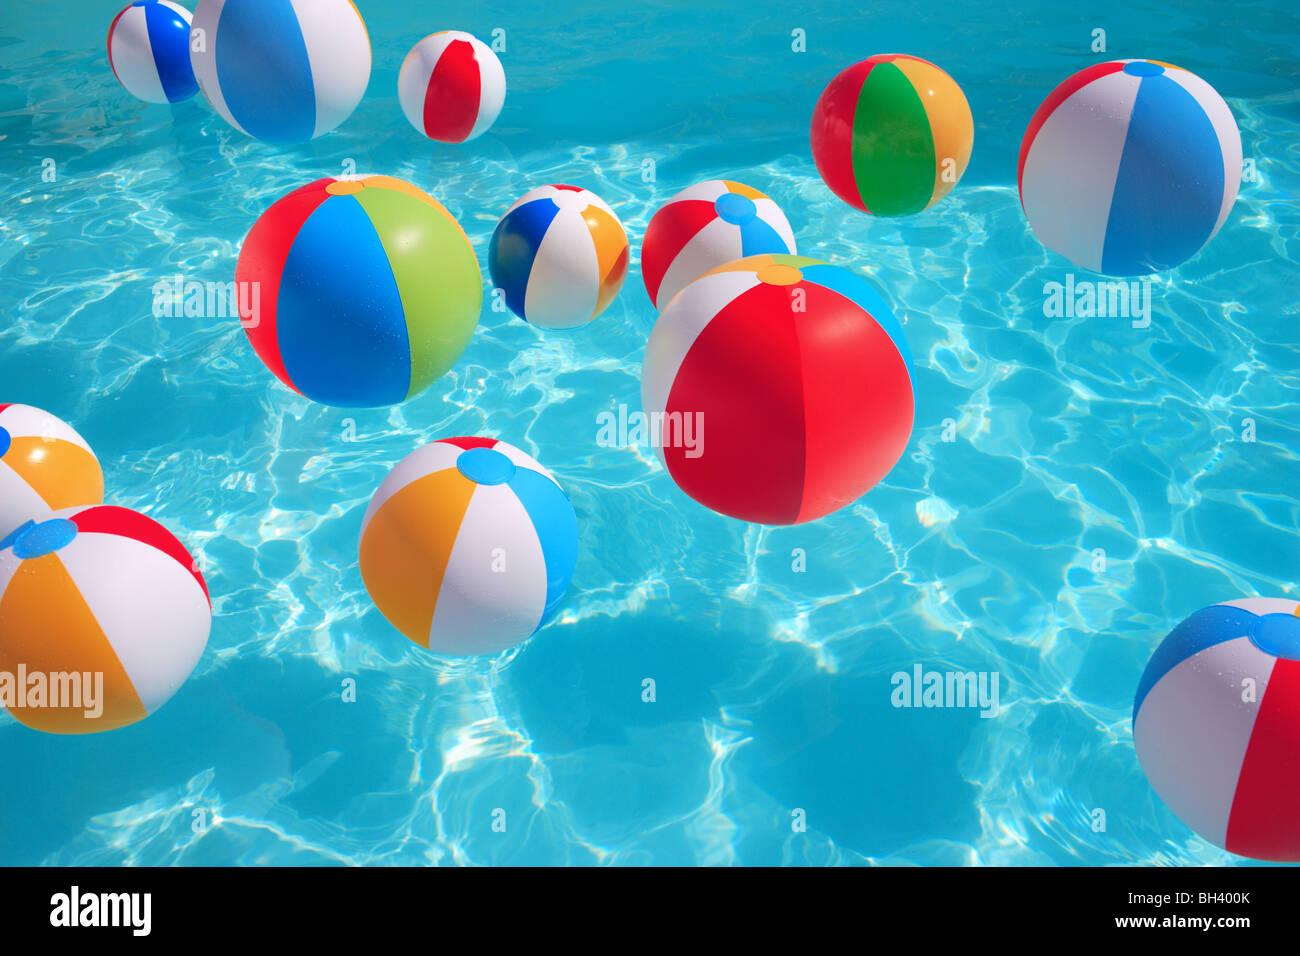 Des ballons de plage gonflables flottant au hasard dans une piscine d'eau bleue Photo Stock